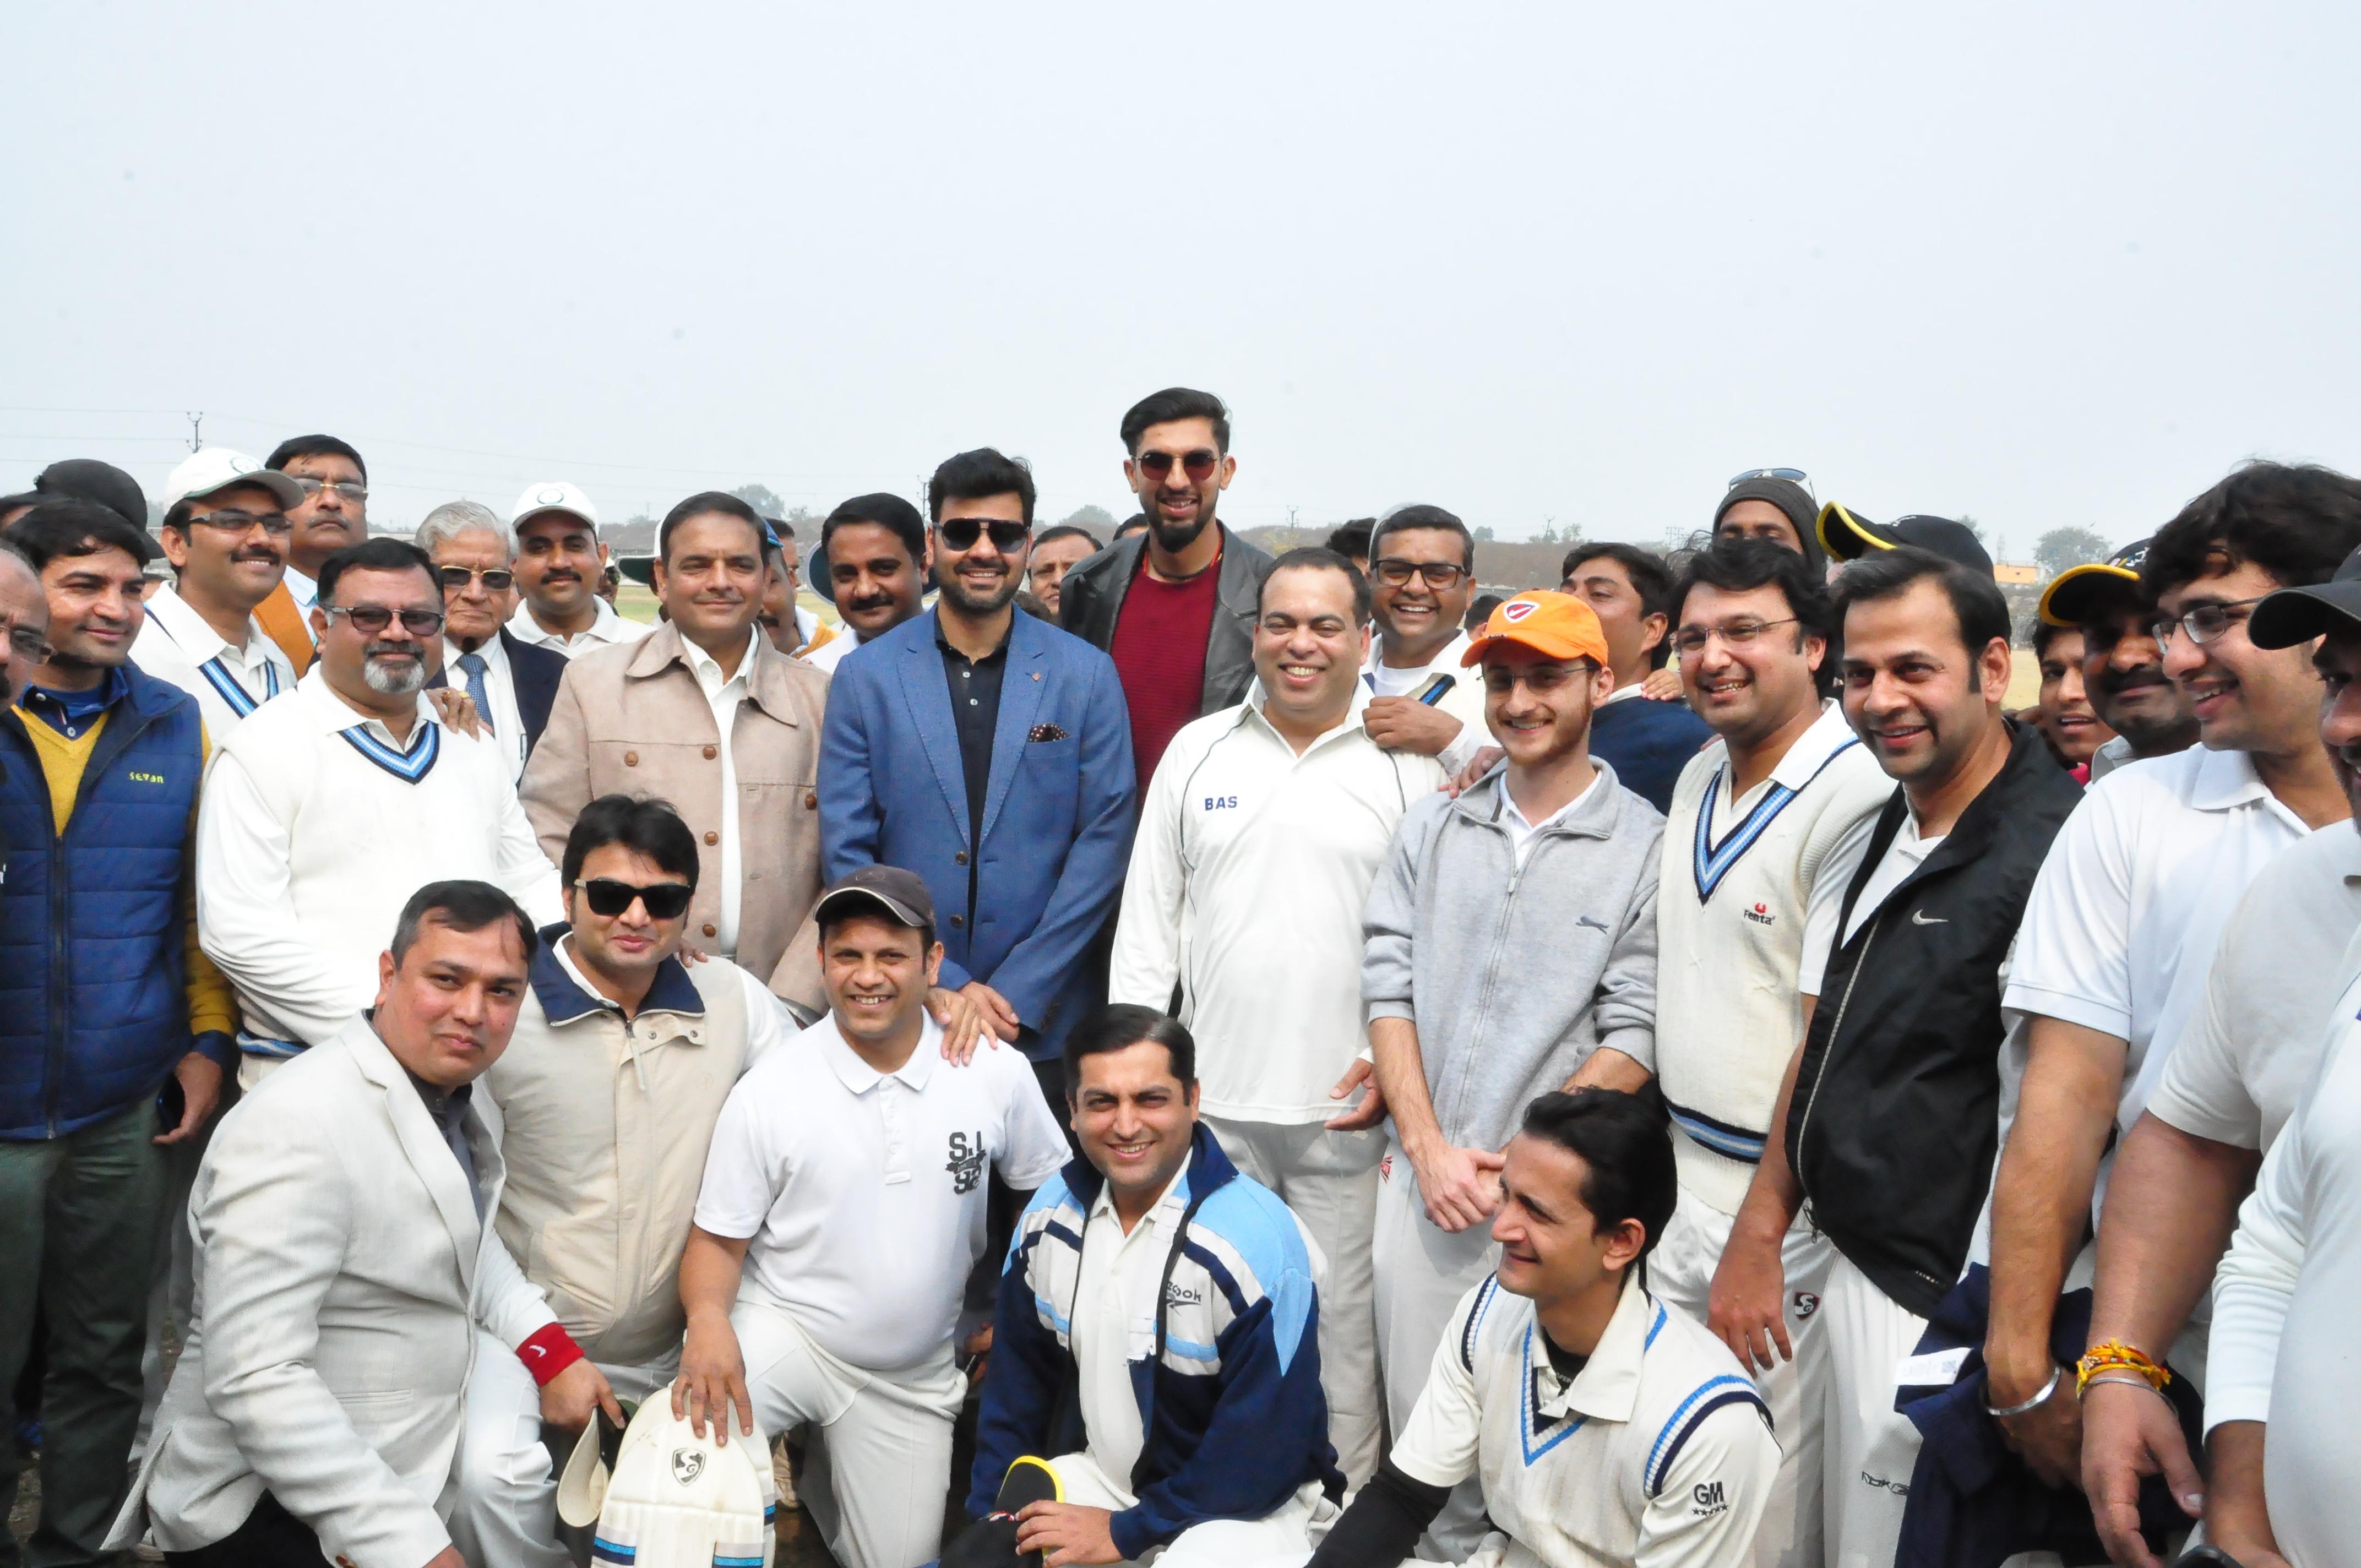 जबलपुर पहुंचे भारतीय क्रिकेट के ये दिग्गज गेंदबाज, विश्व कप को लेकर की अहम बातें...